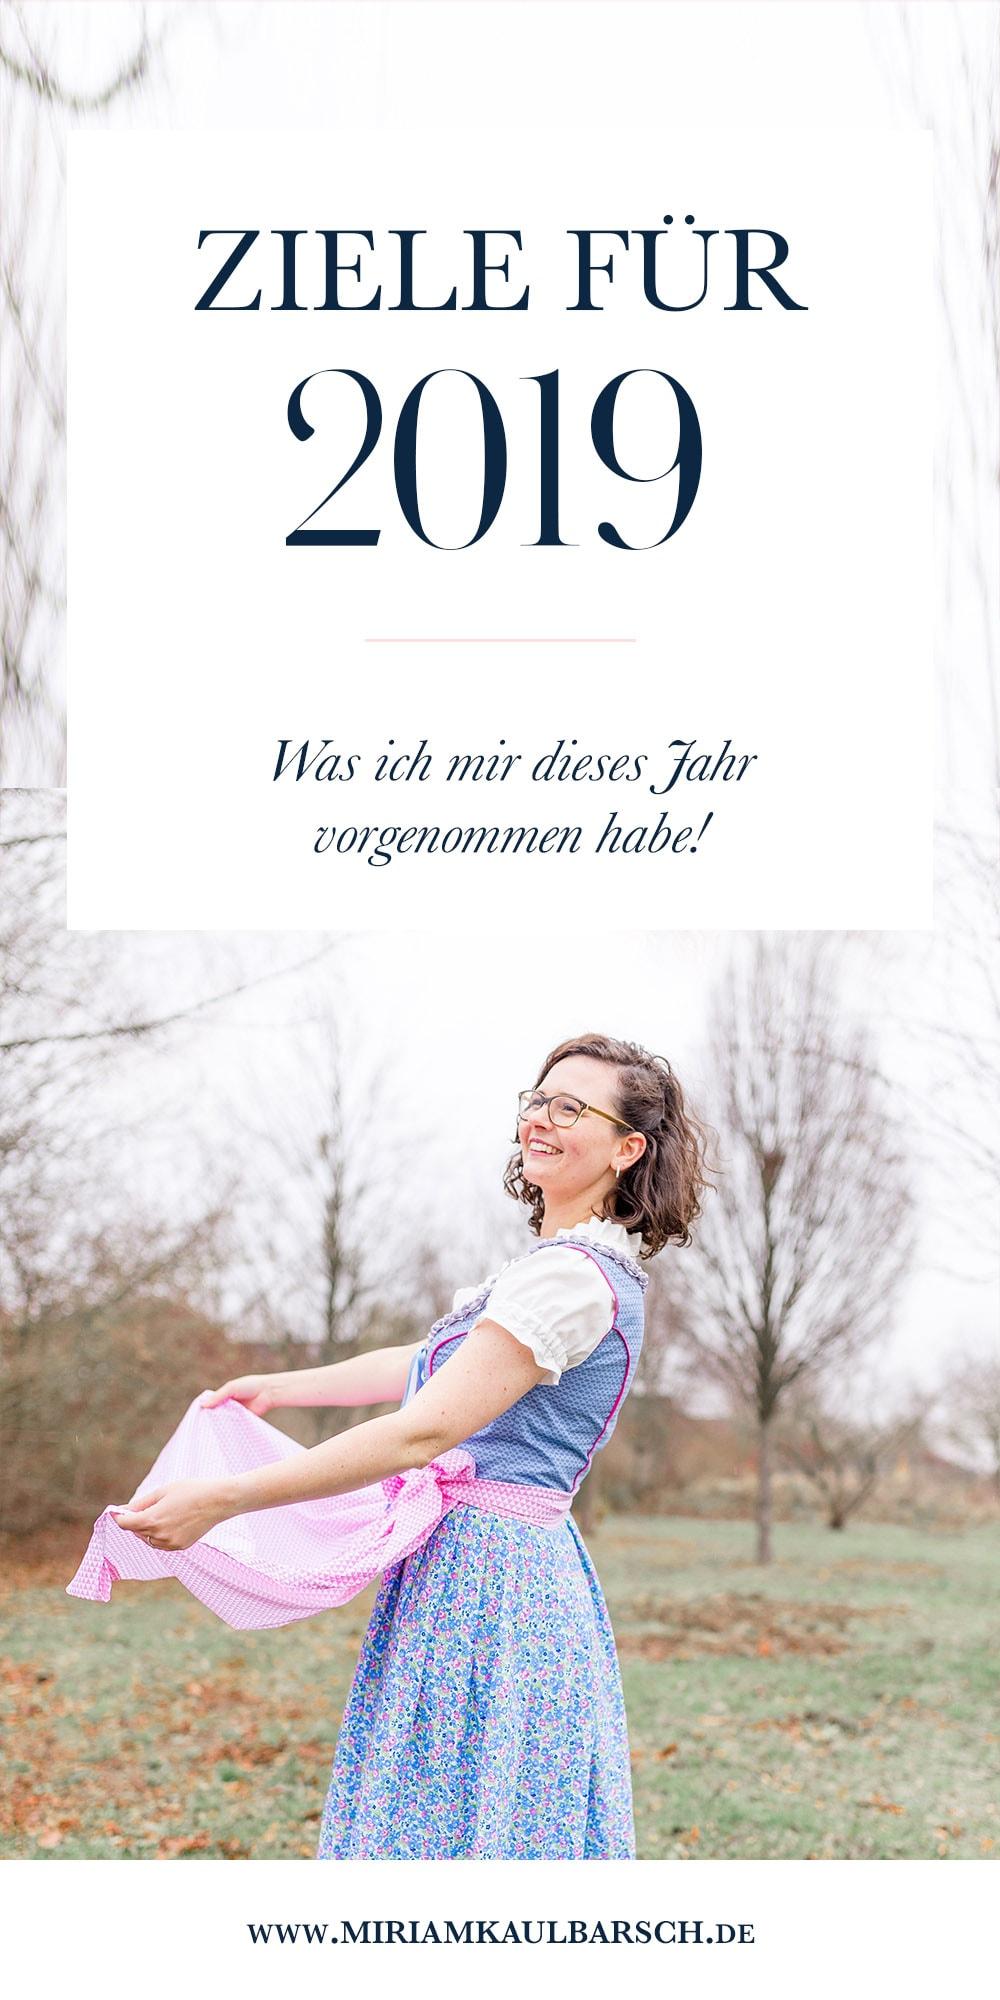 Meine Ziele für 2019 - was ich mir für dieses Jahr vorgenommen habe!